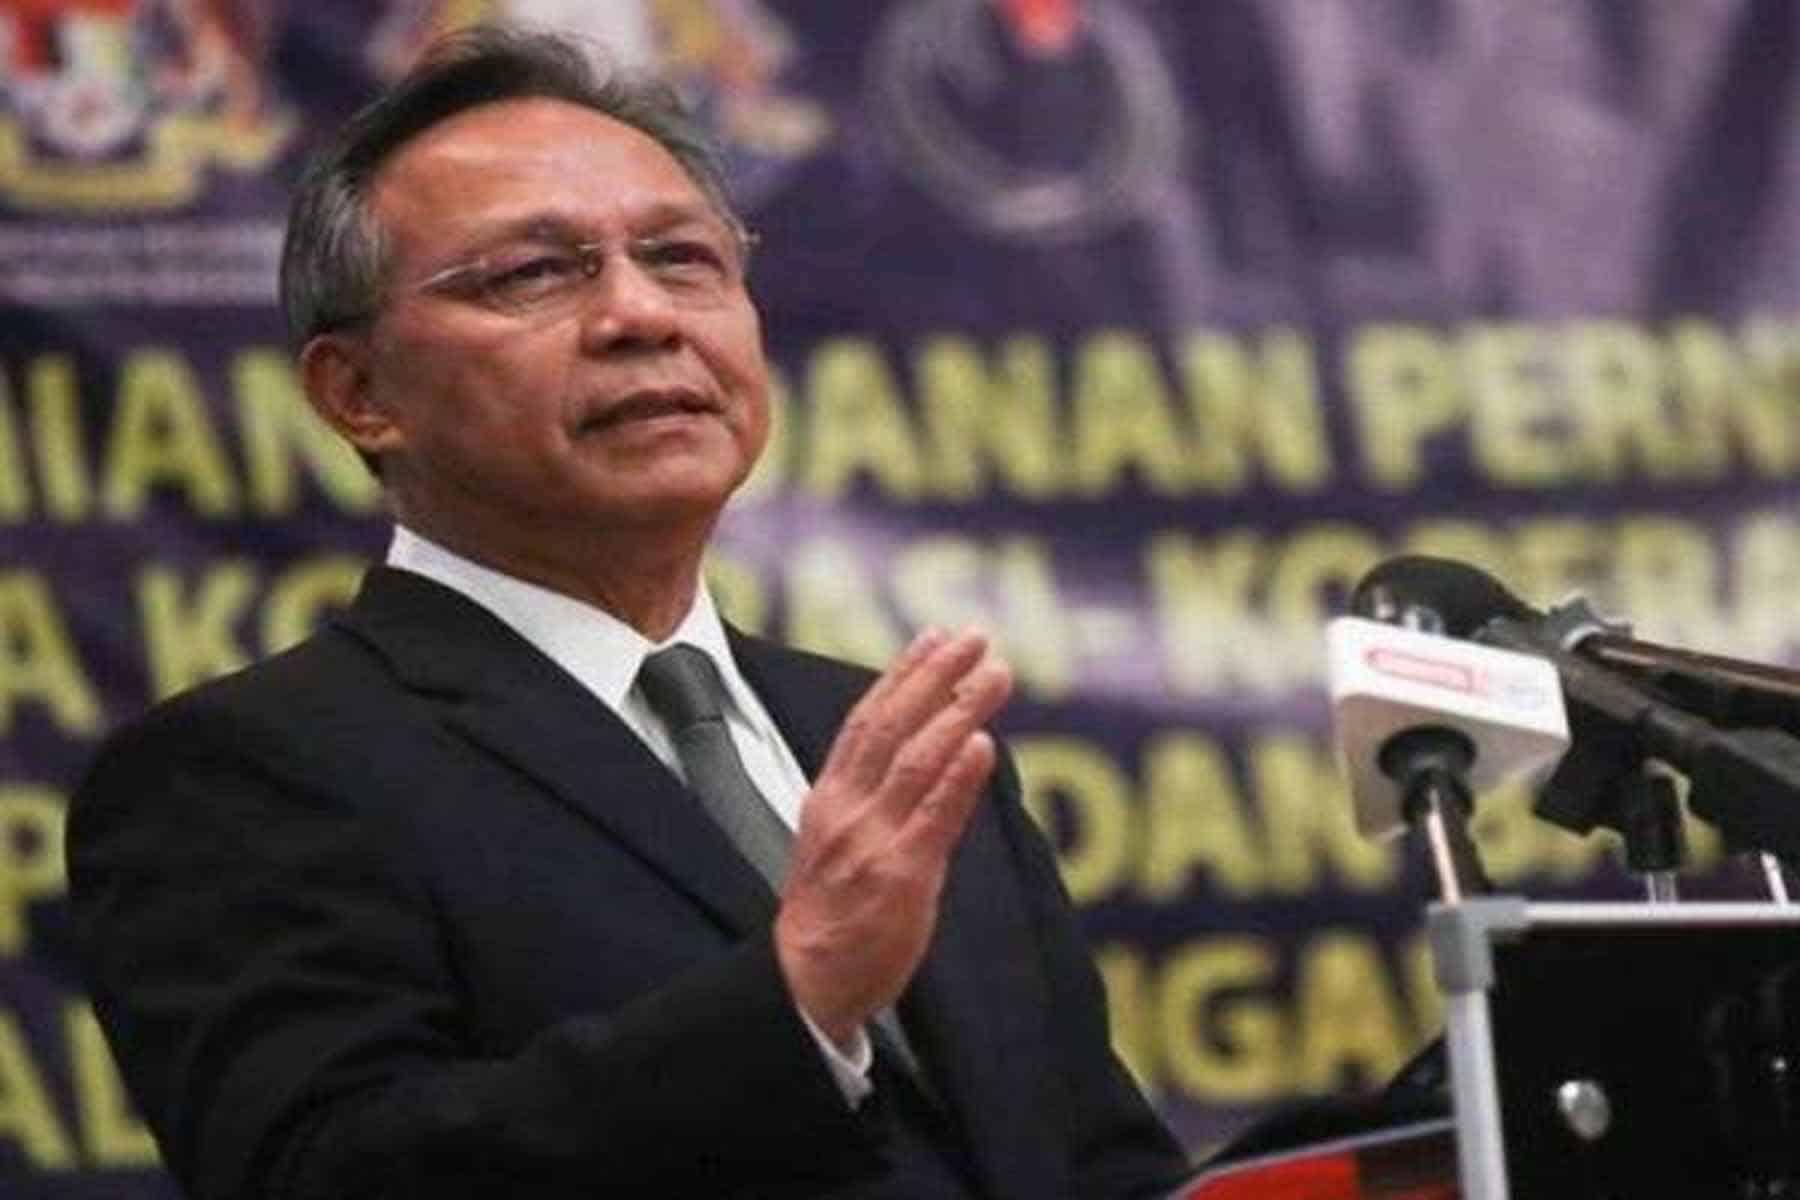 Johor Naikkan tiga kali ganda Peruntukan ADUN pembangkang